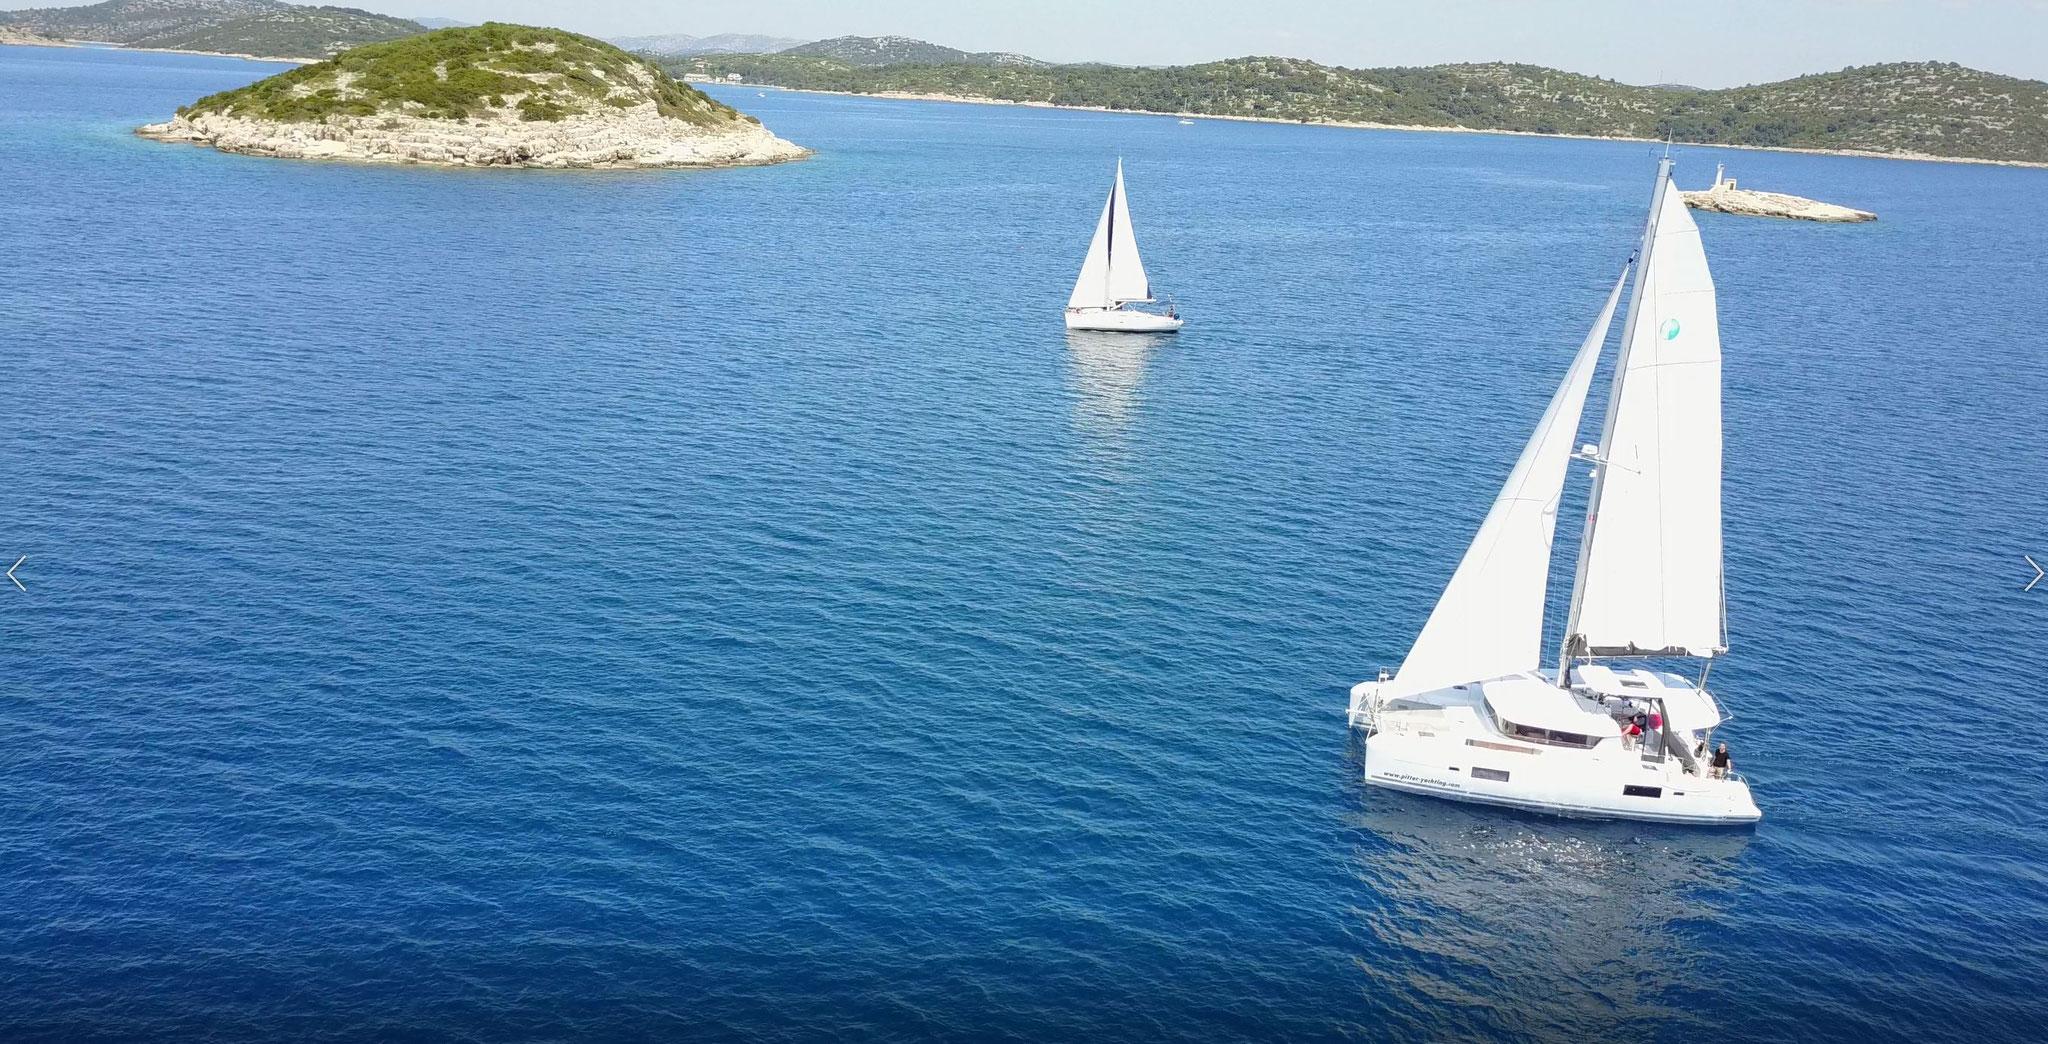 Katamaran segeln als Charter Kanaren von San Sebastian - La Gomera - www.katamaramtraum.com